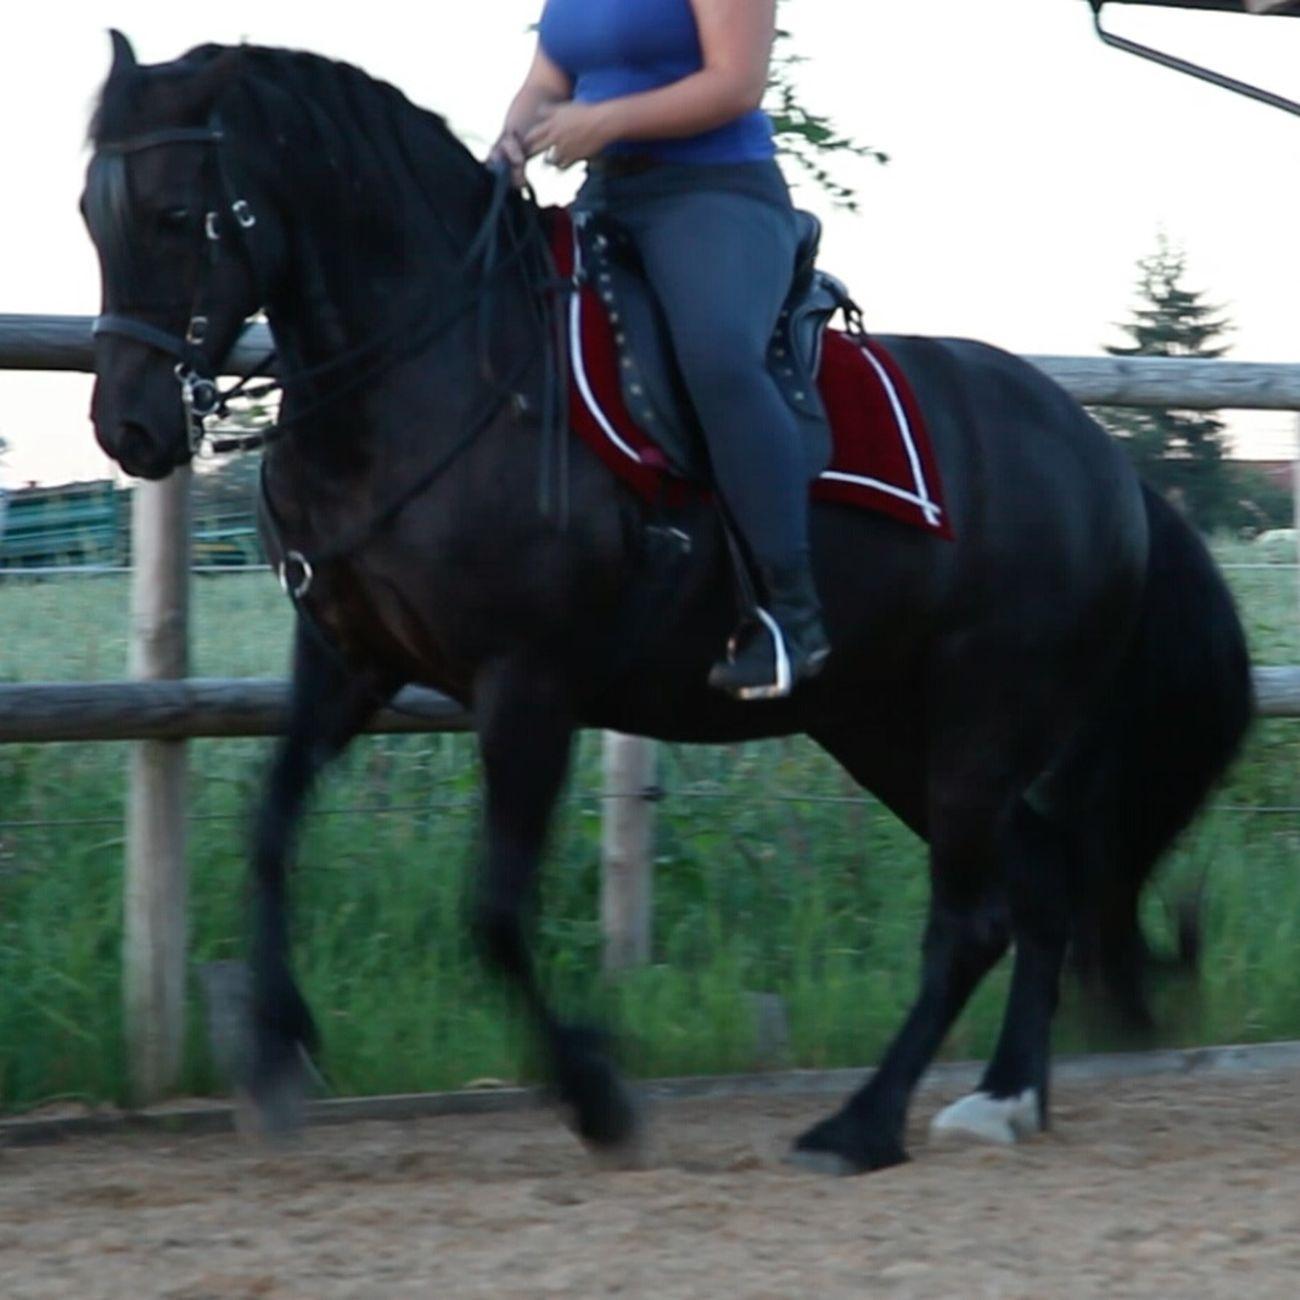 Galopp Pferd Unterricht Photo No Filter Lifestyles Horse Outdoors Stall 2016 Horse Riding Horse Life Riding Lesson Photography Horse Photography  Lesson Summer Summertime 🌞